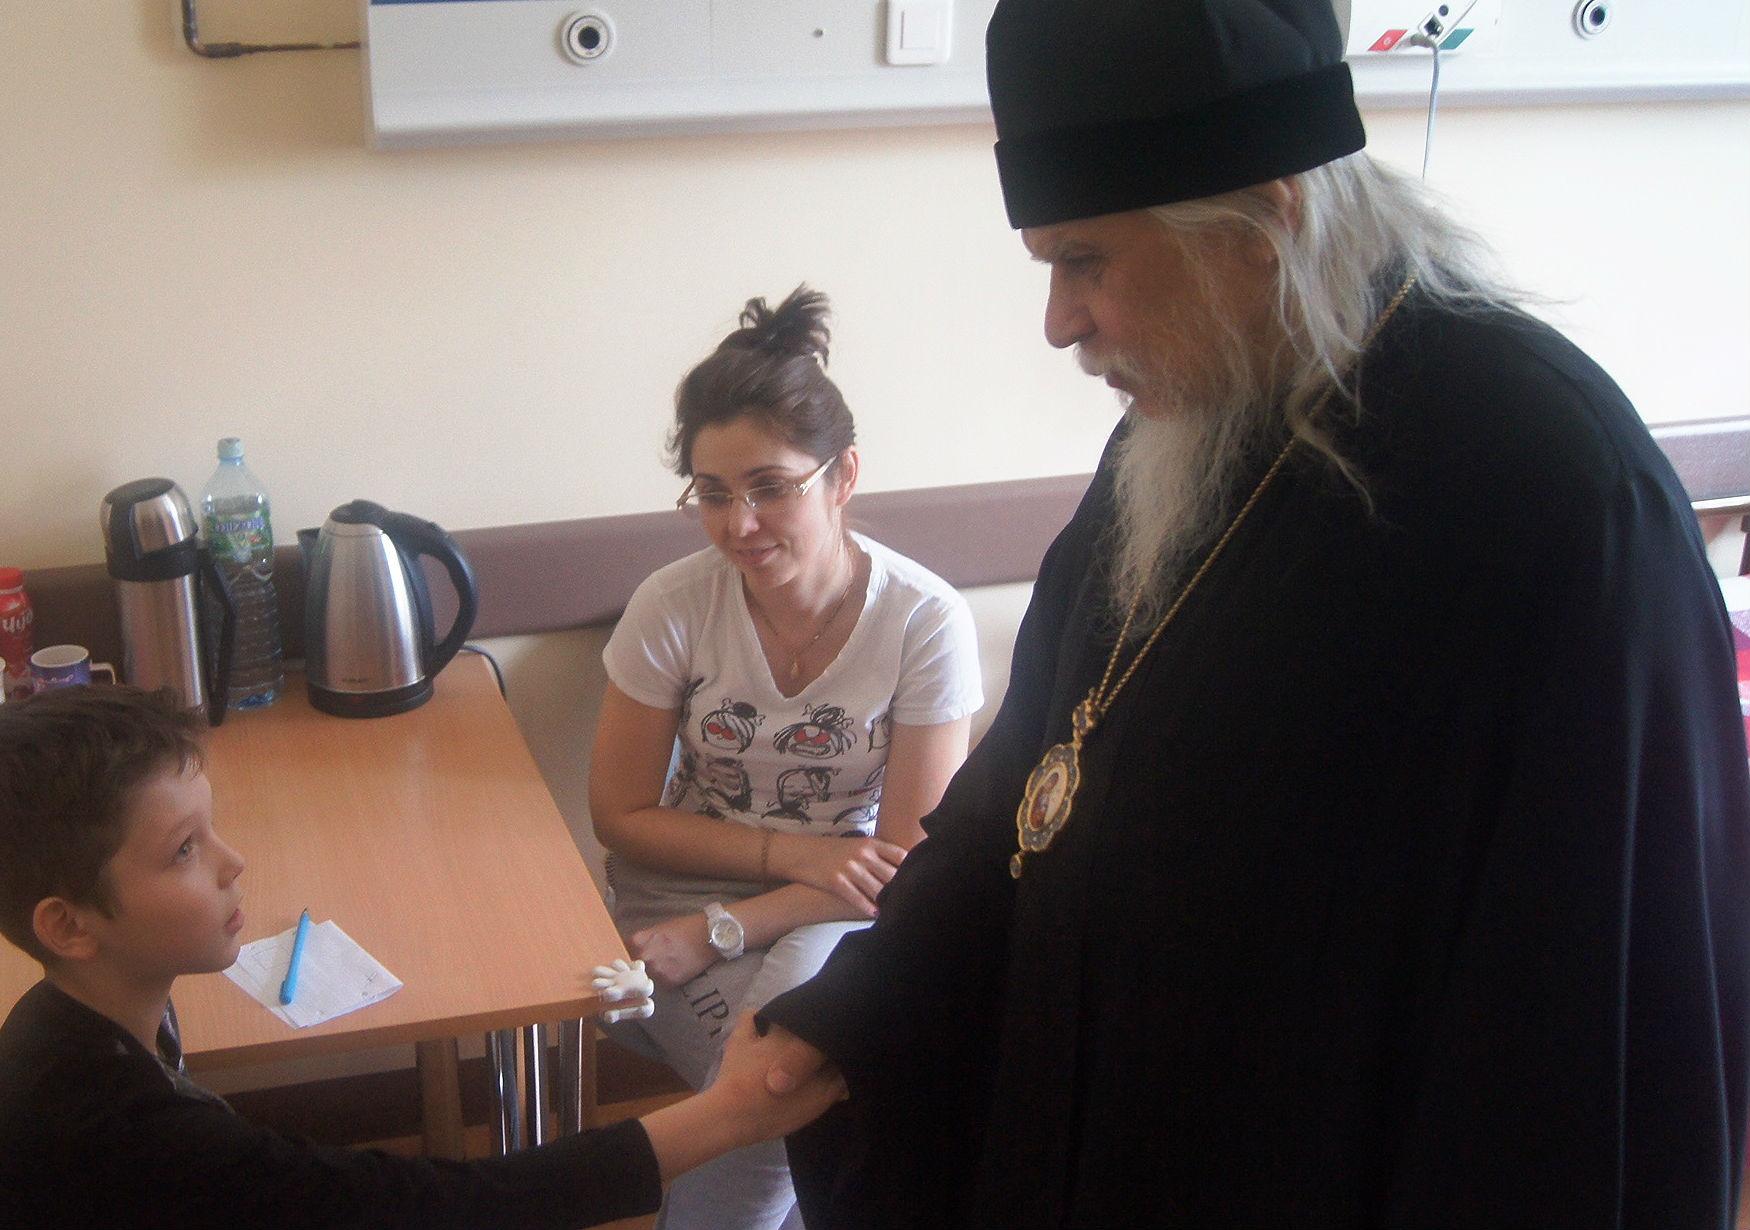 Епископ Пантелеимон приветствует юного пациента Илью